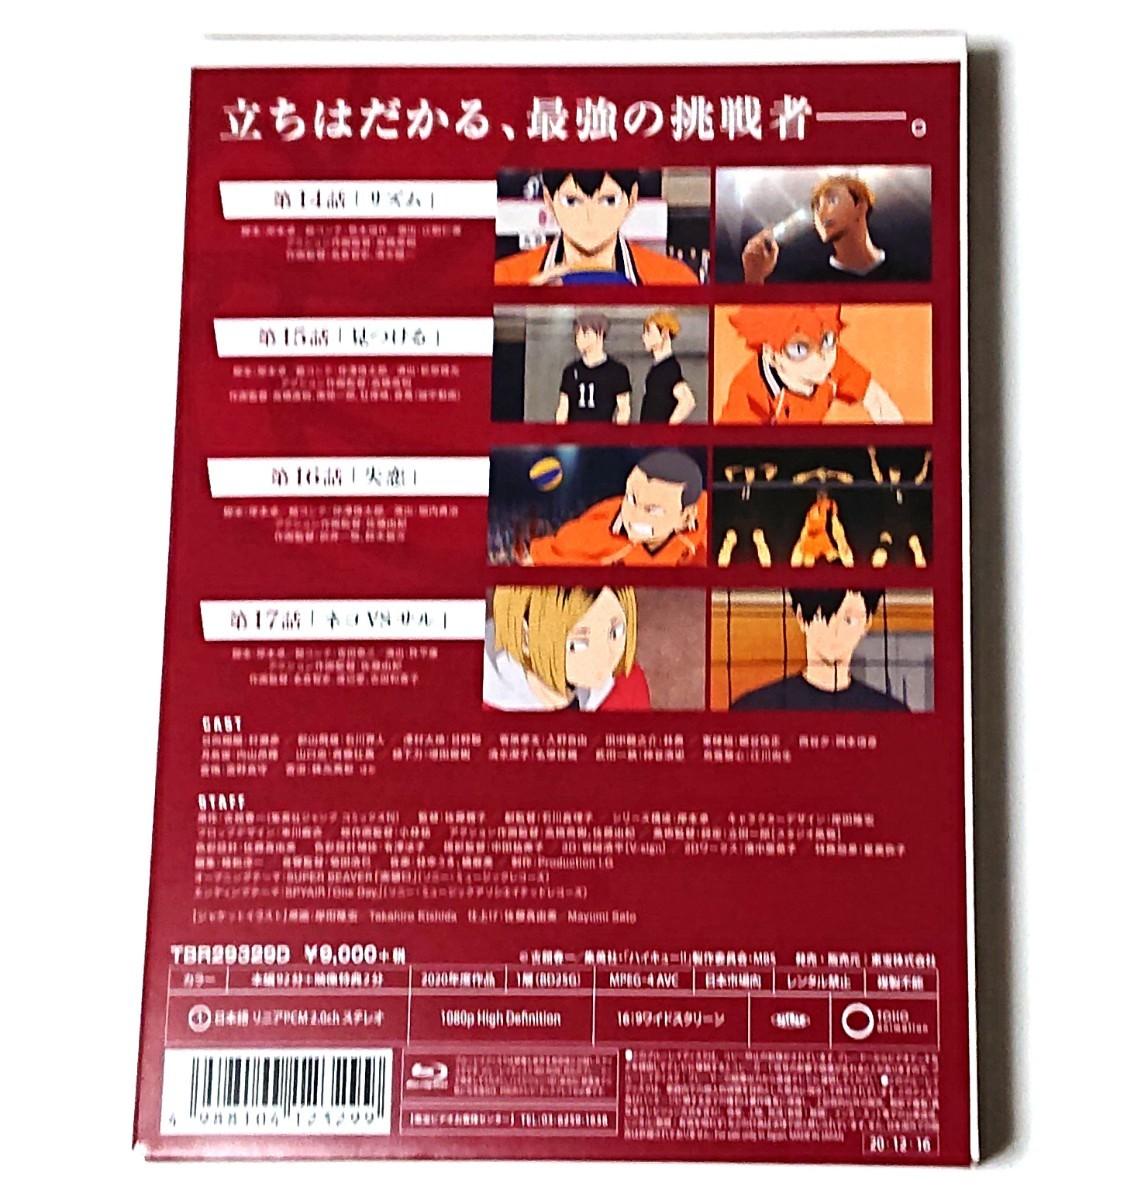 ハイキュー!! TO THE TOP Vol.4 初回限定版 Blu-ray DVD